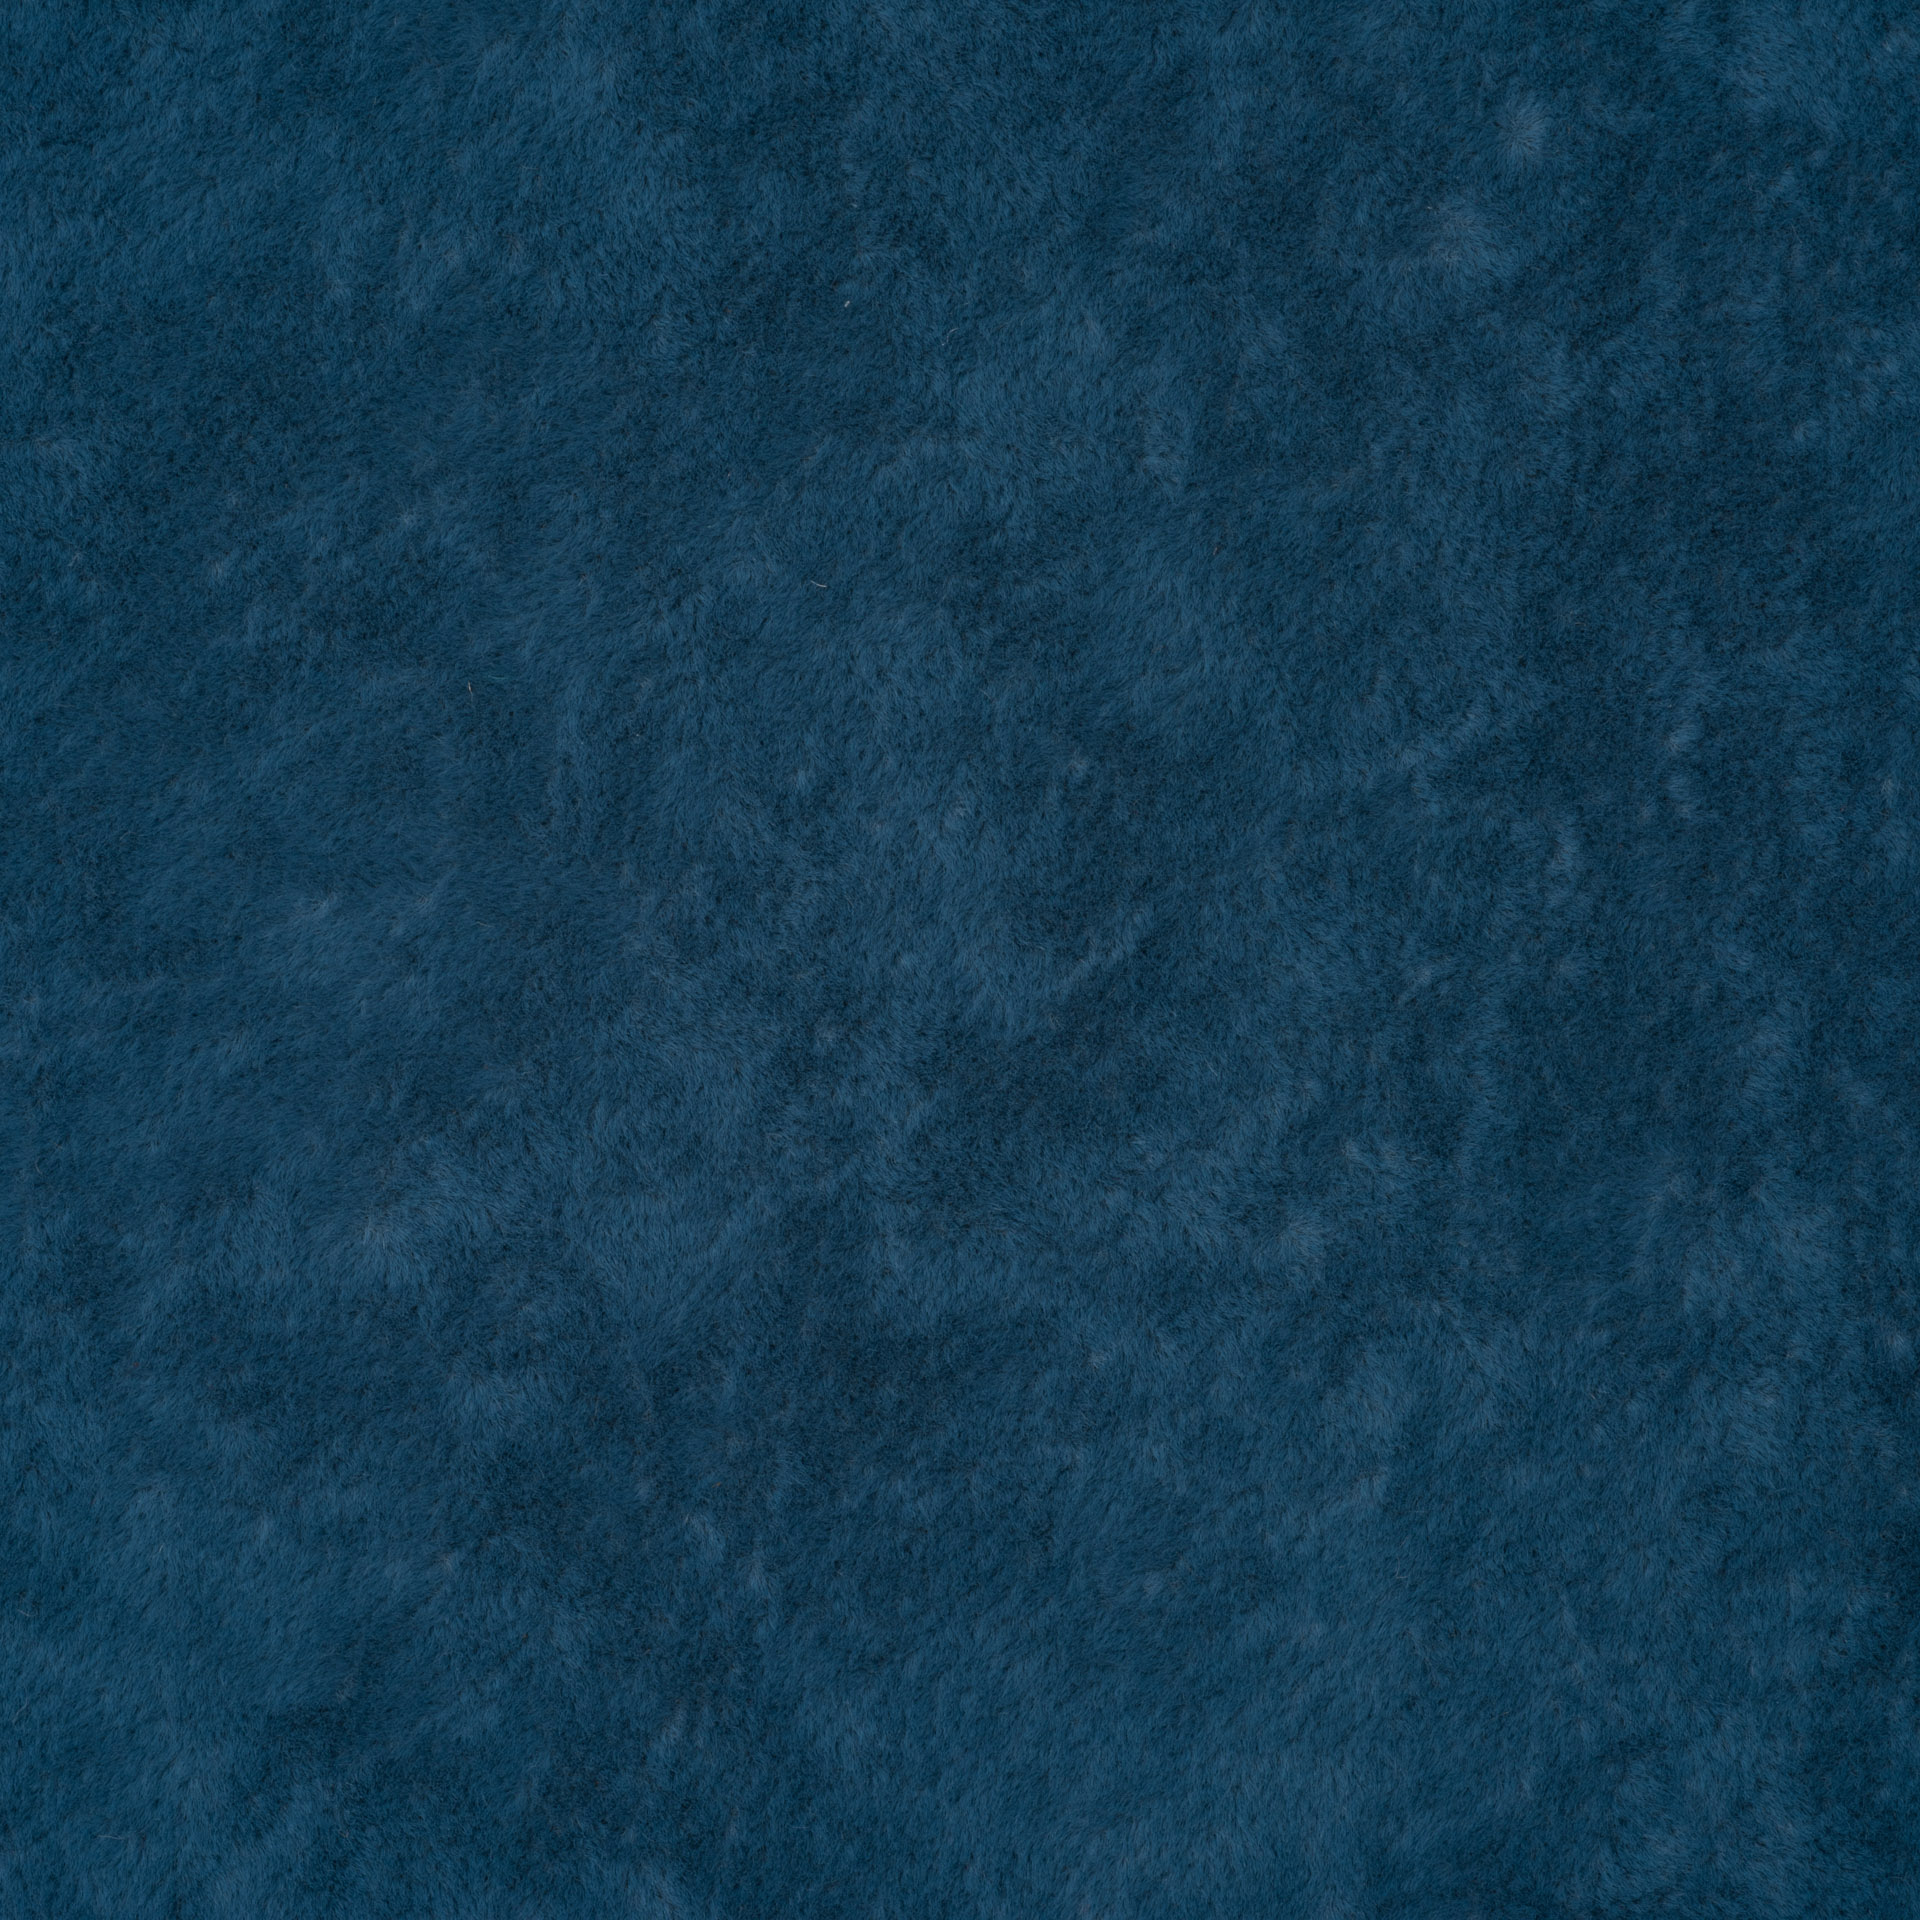 Коллекция ткани Финт TRUE BLUE,  купить ткань Флок для мебели Украина